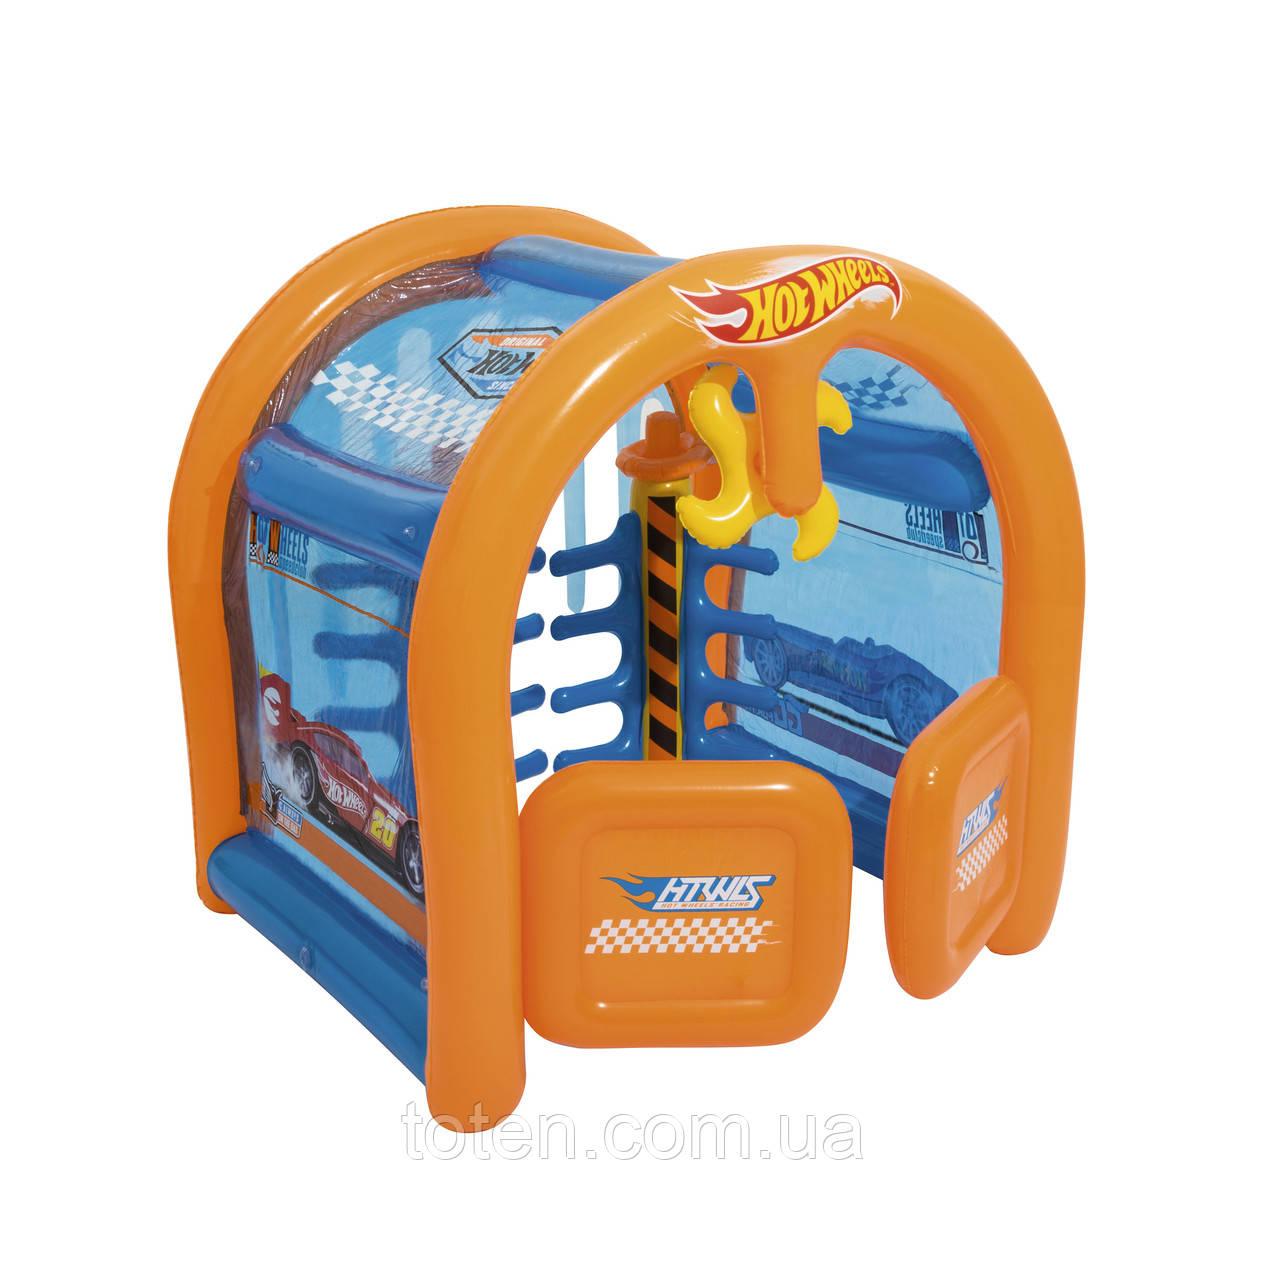 """Детский игровой центр Hot Wheels 93406 """"Автомойка"""", с распылителем, 191 х 173 х 203 см"""